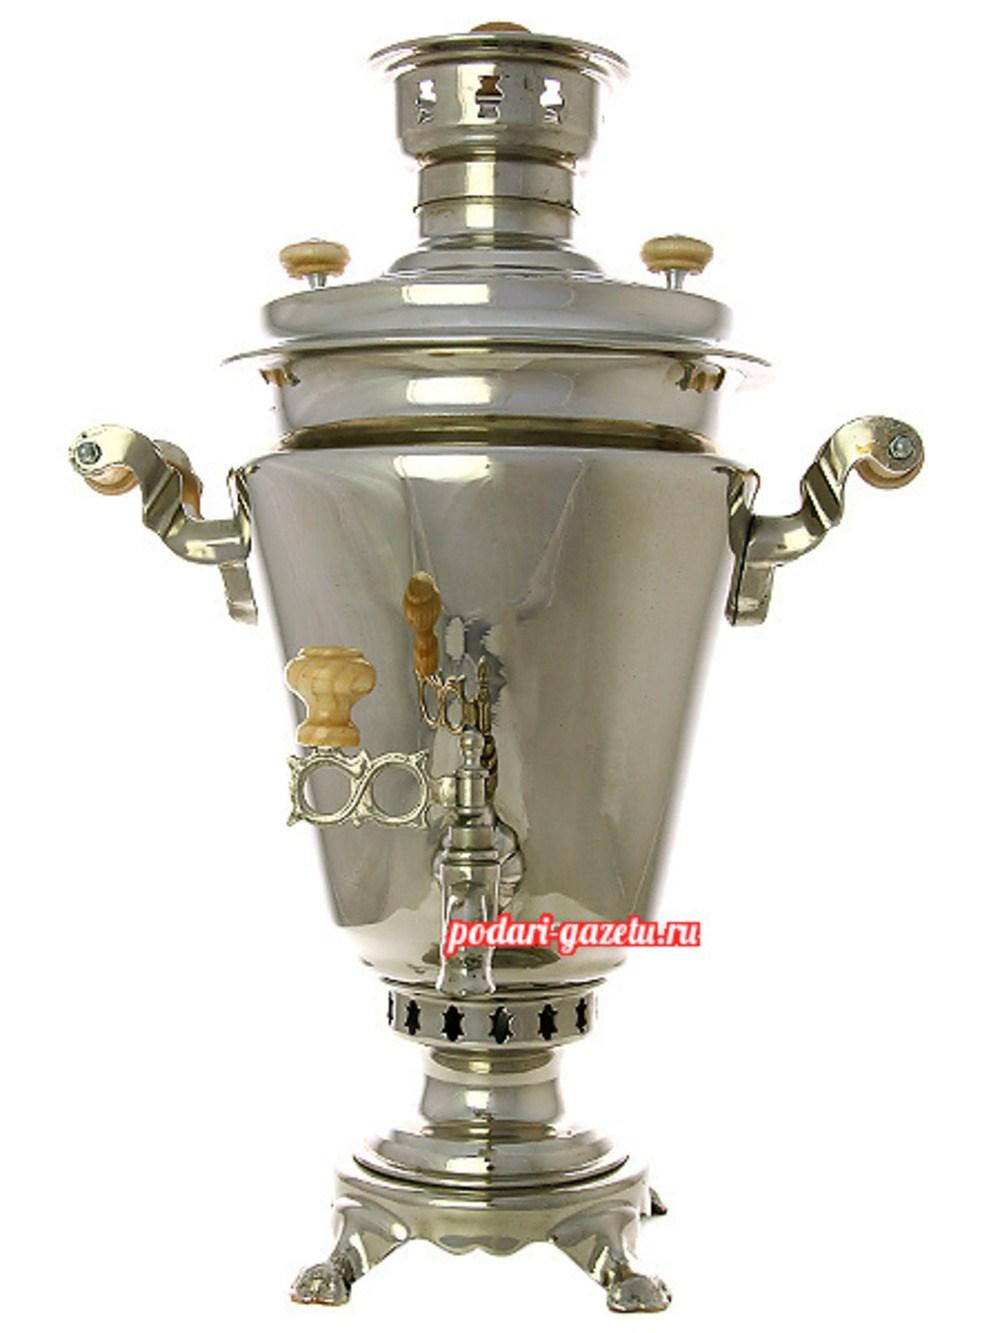 Угольный самовар (жаровый, дровяной) на 5 литров, конус никелированный